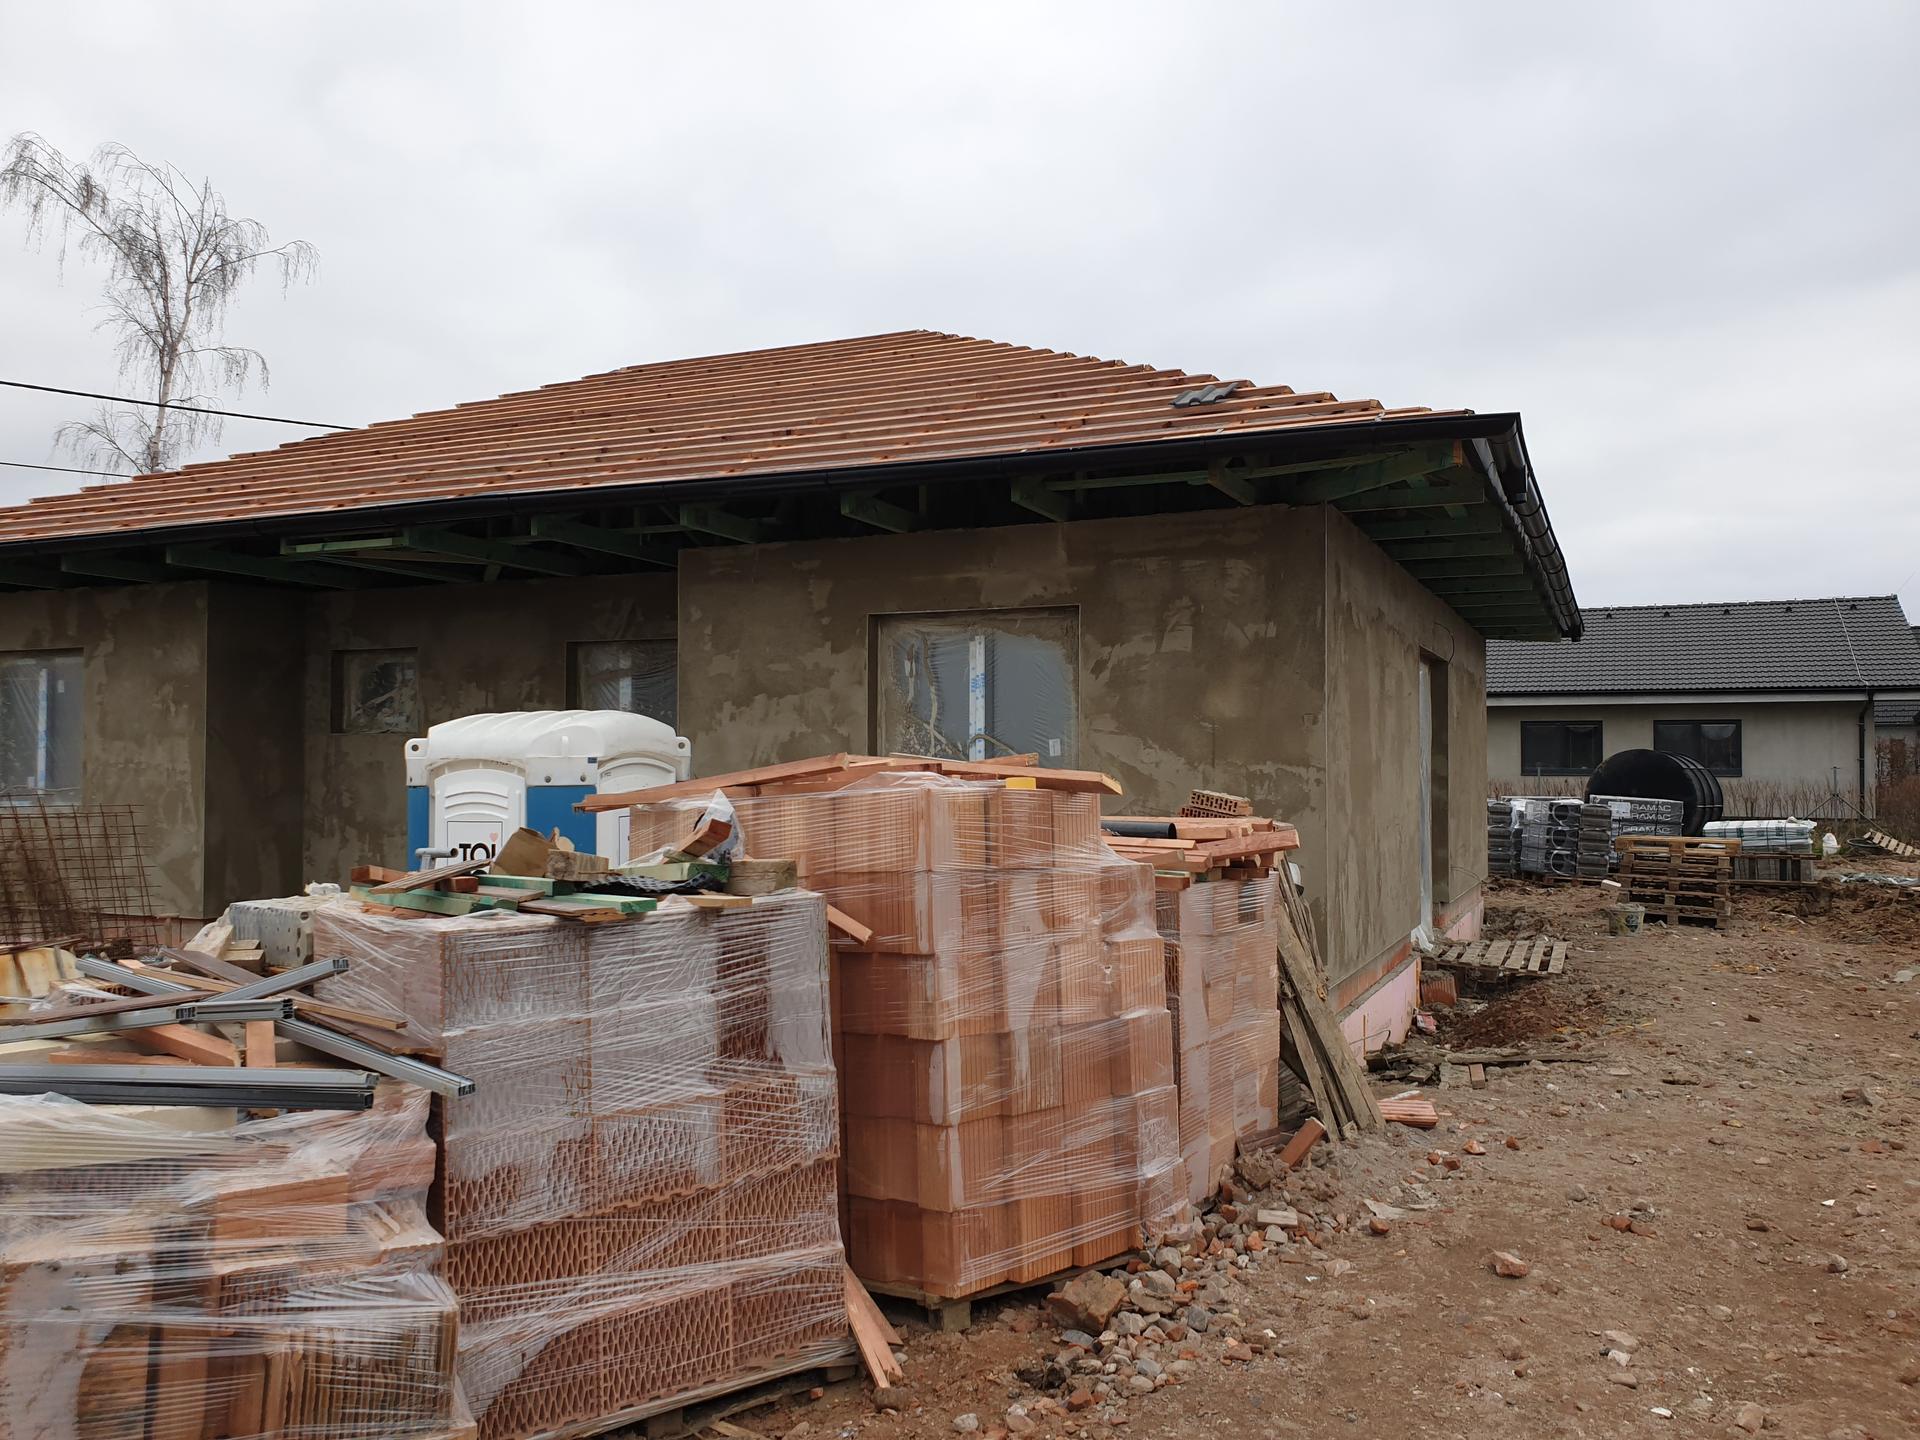 Stěhování na venkov - stavba - Obrázek č. 54